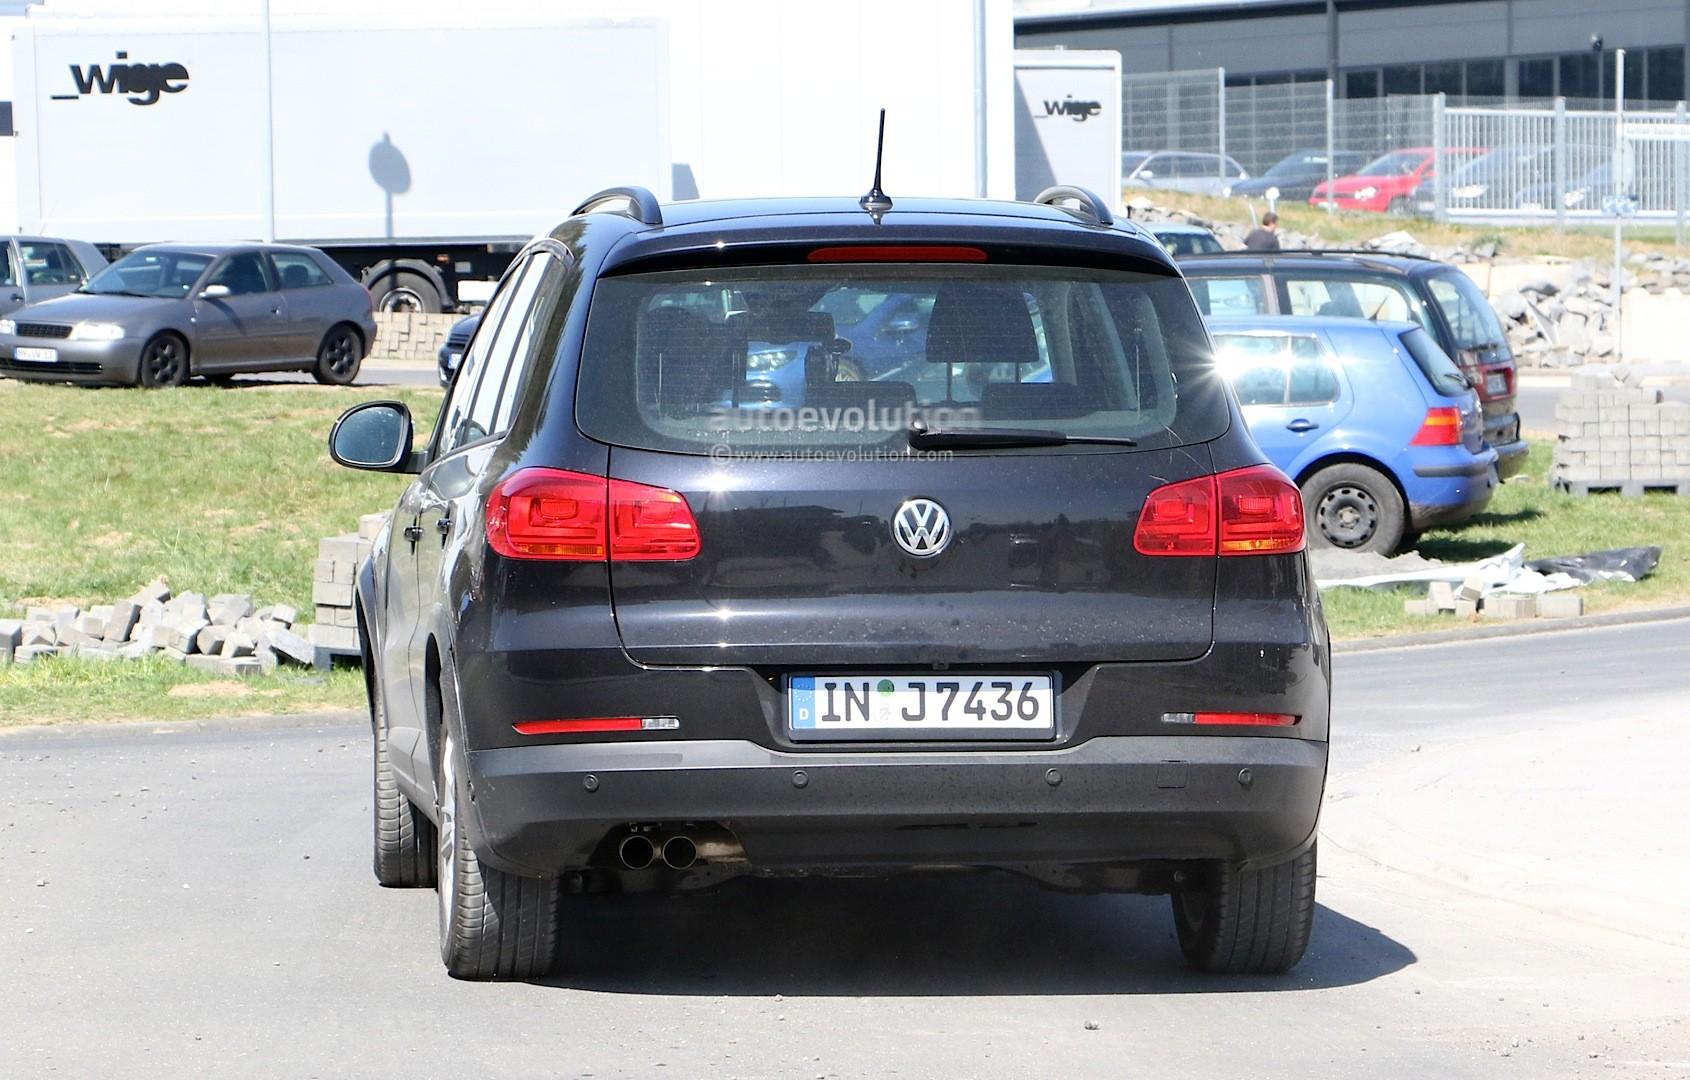 2016 - [Audi] Q2 - Page 6 Spyshots-audi-q1-test-mule-hides-under-volkswagen-tiguan-disguise_8